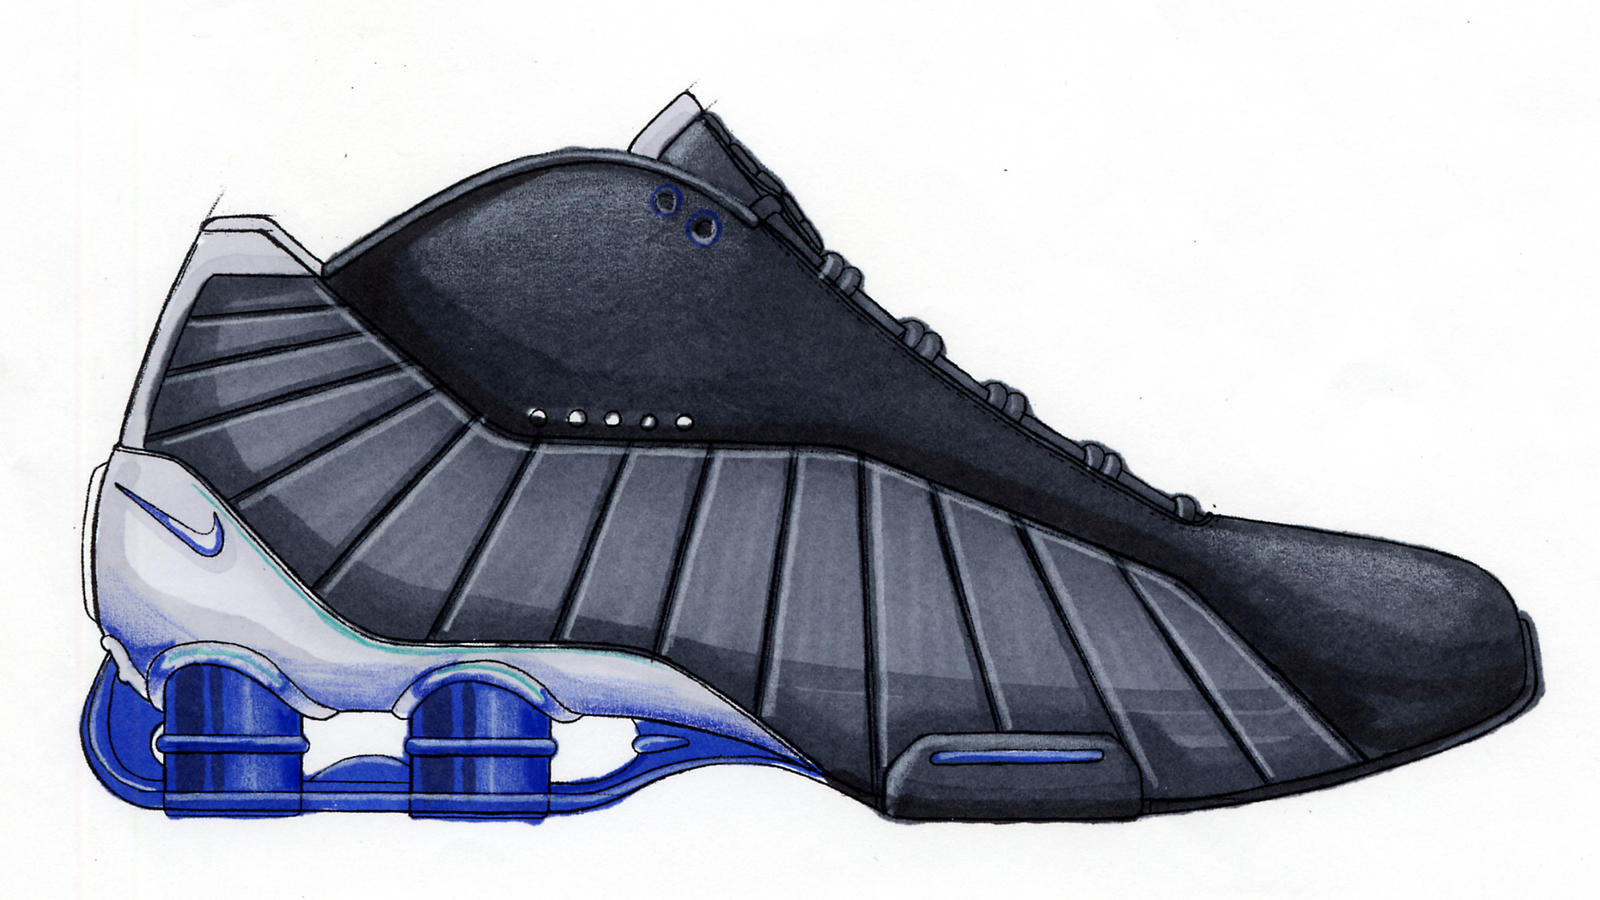 Nike Shox Basketball